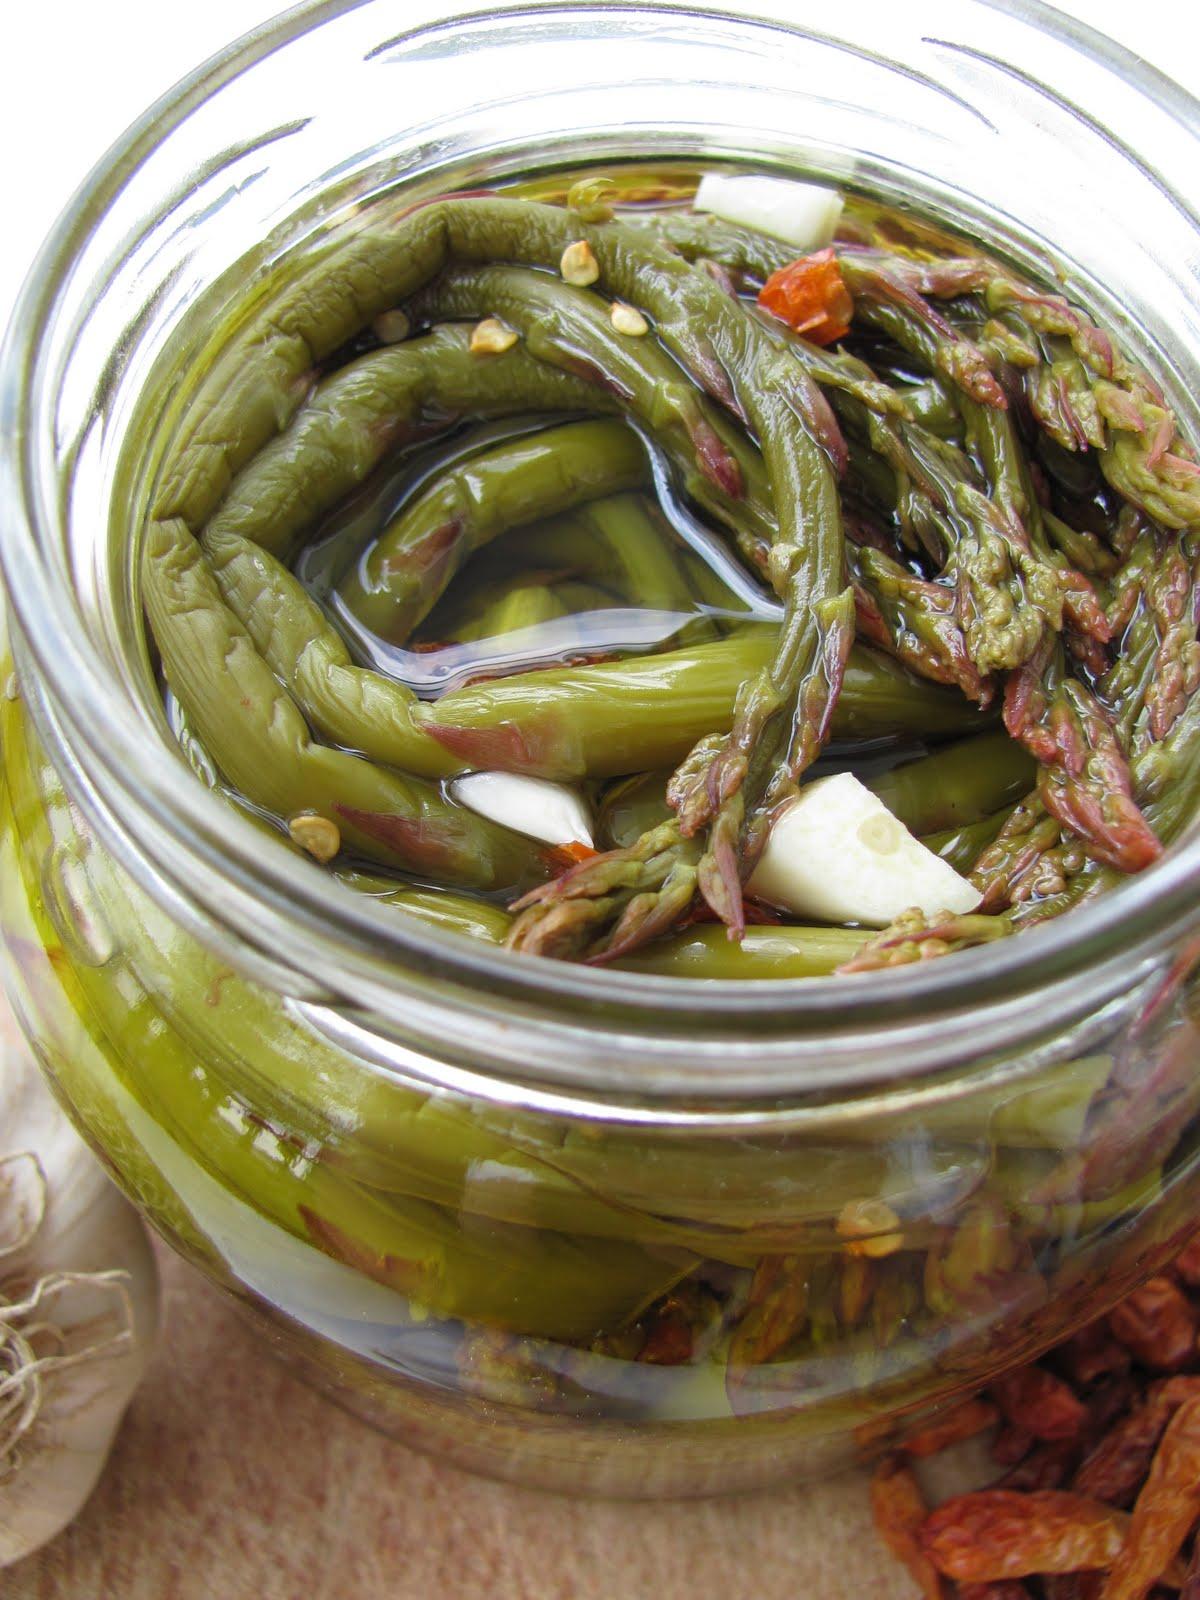 Cipolline sott'aceto, ricetta - Cucinare Meglio